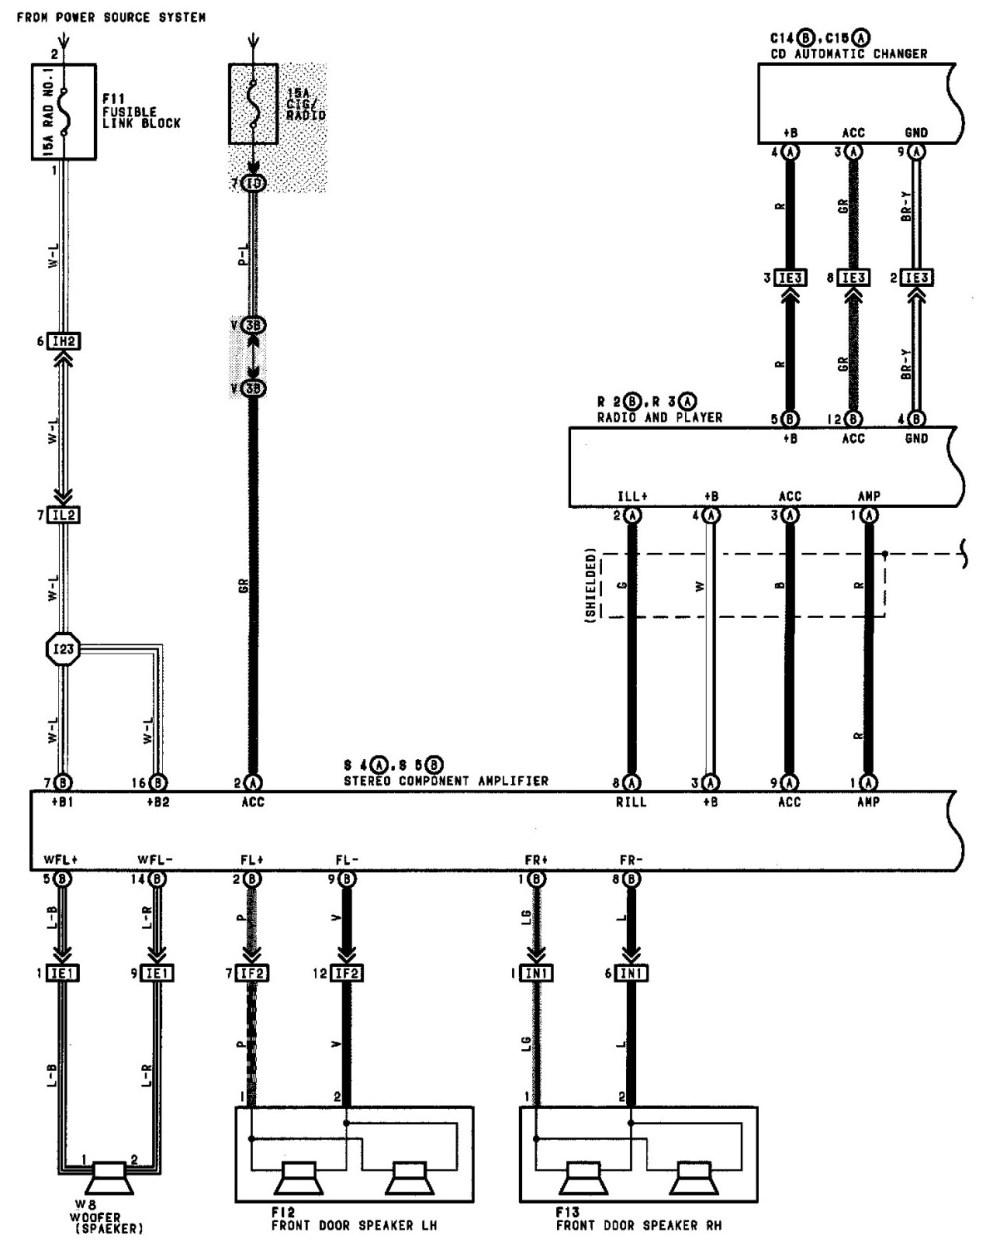 medium resolution of 2003 toyota camry wiring diagram pdf free wiring diagram 1997 toyota celica wiring diagram 2003 toyota camry wiring diagram